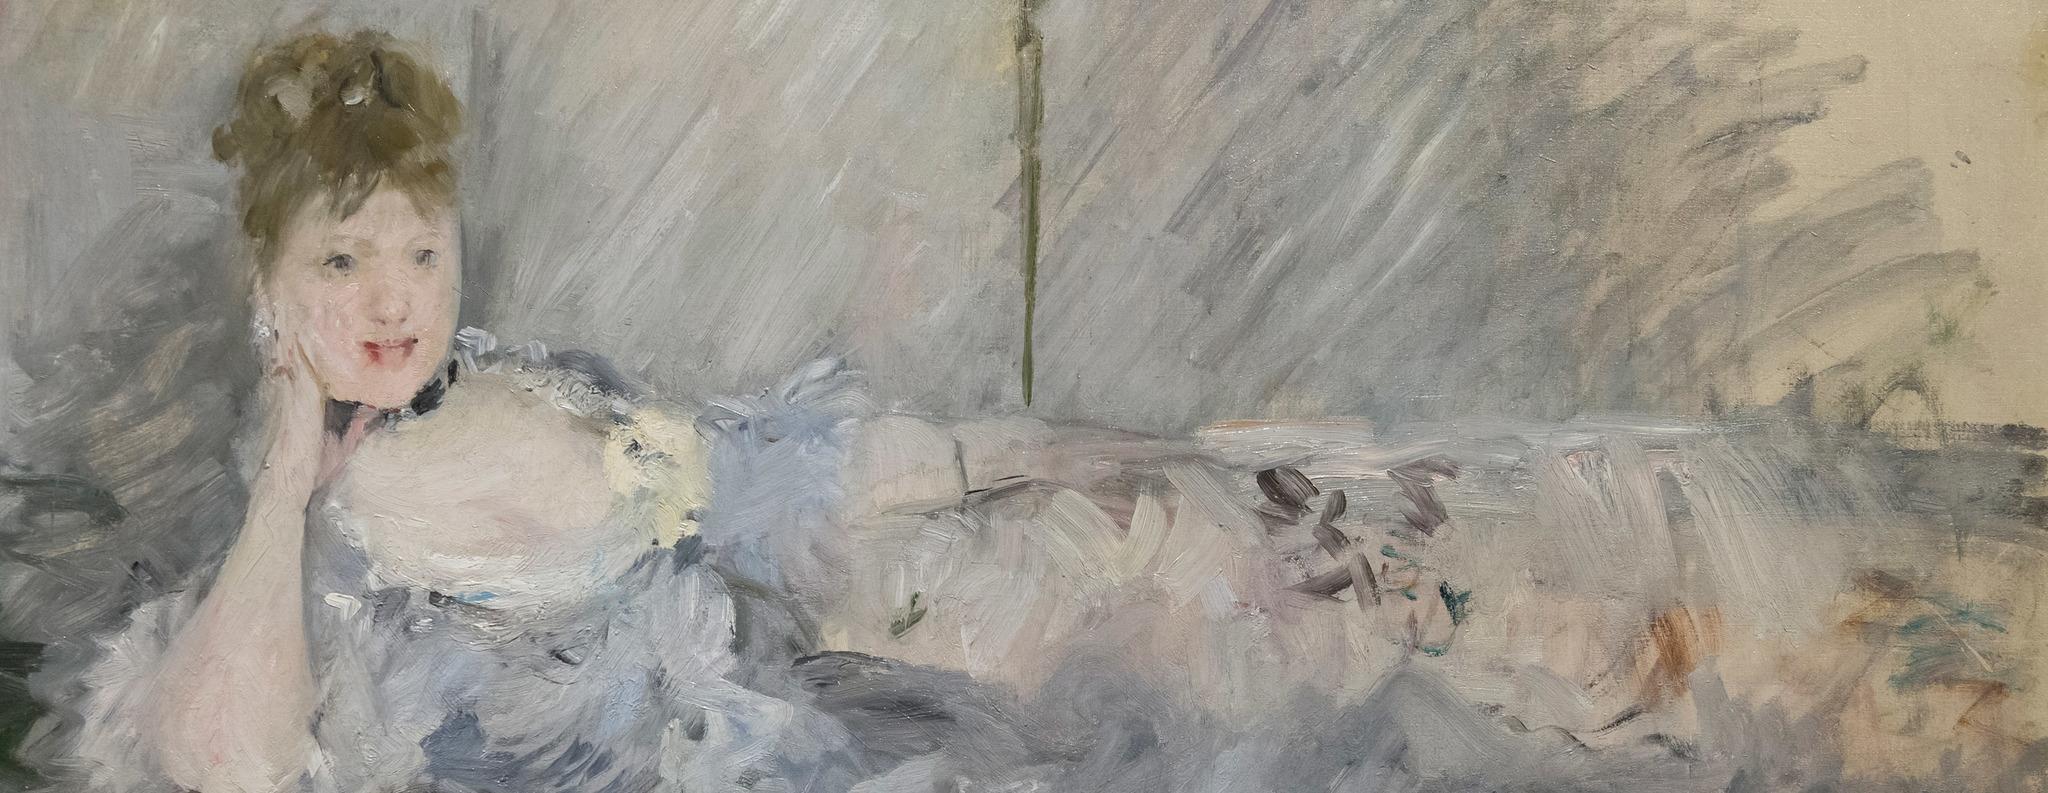 """Résultat de recherche d'images pour """"berthe morisot orsay"""""""